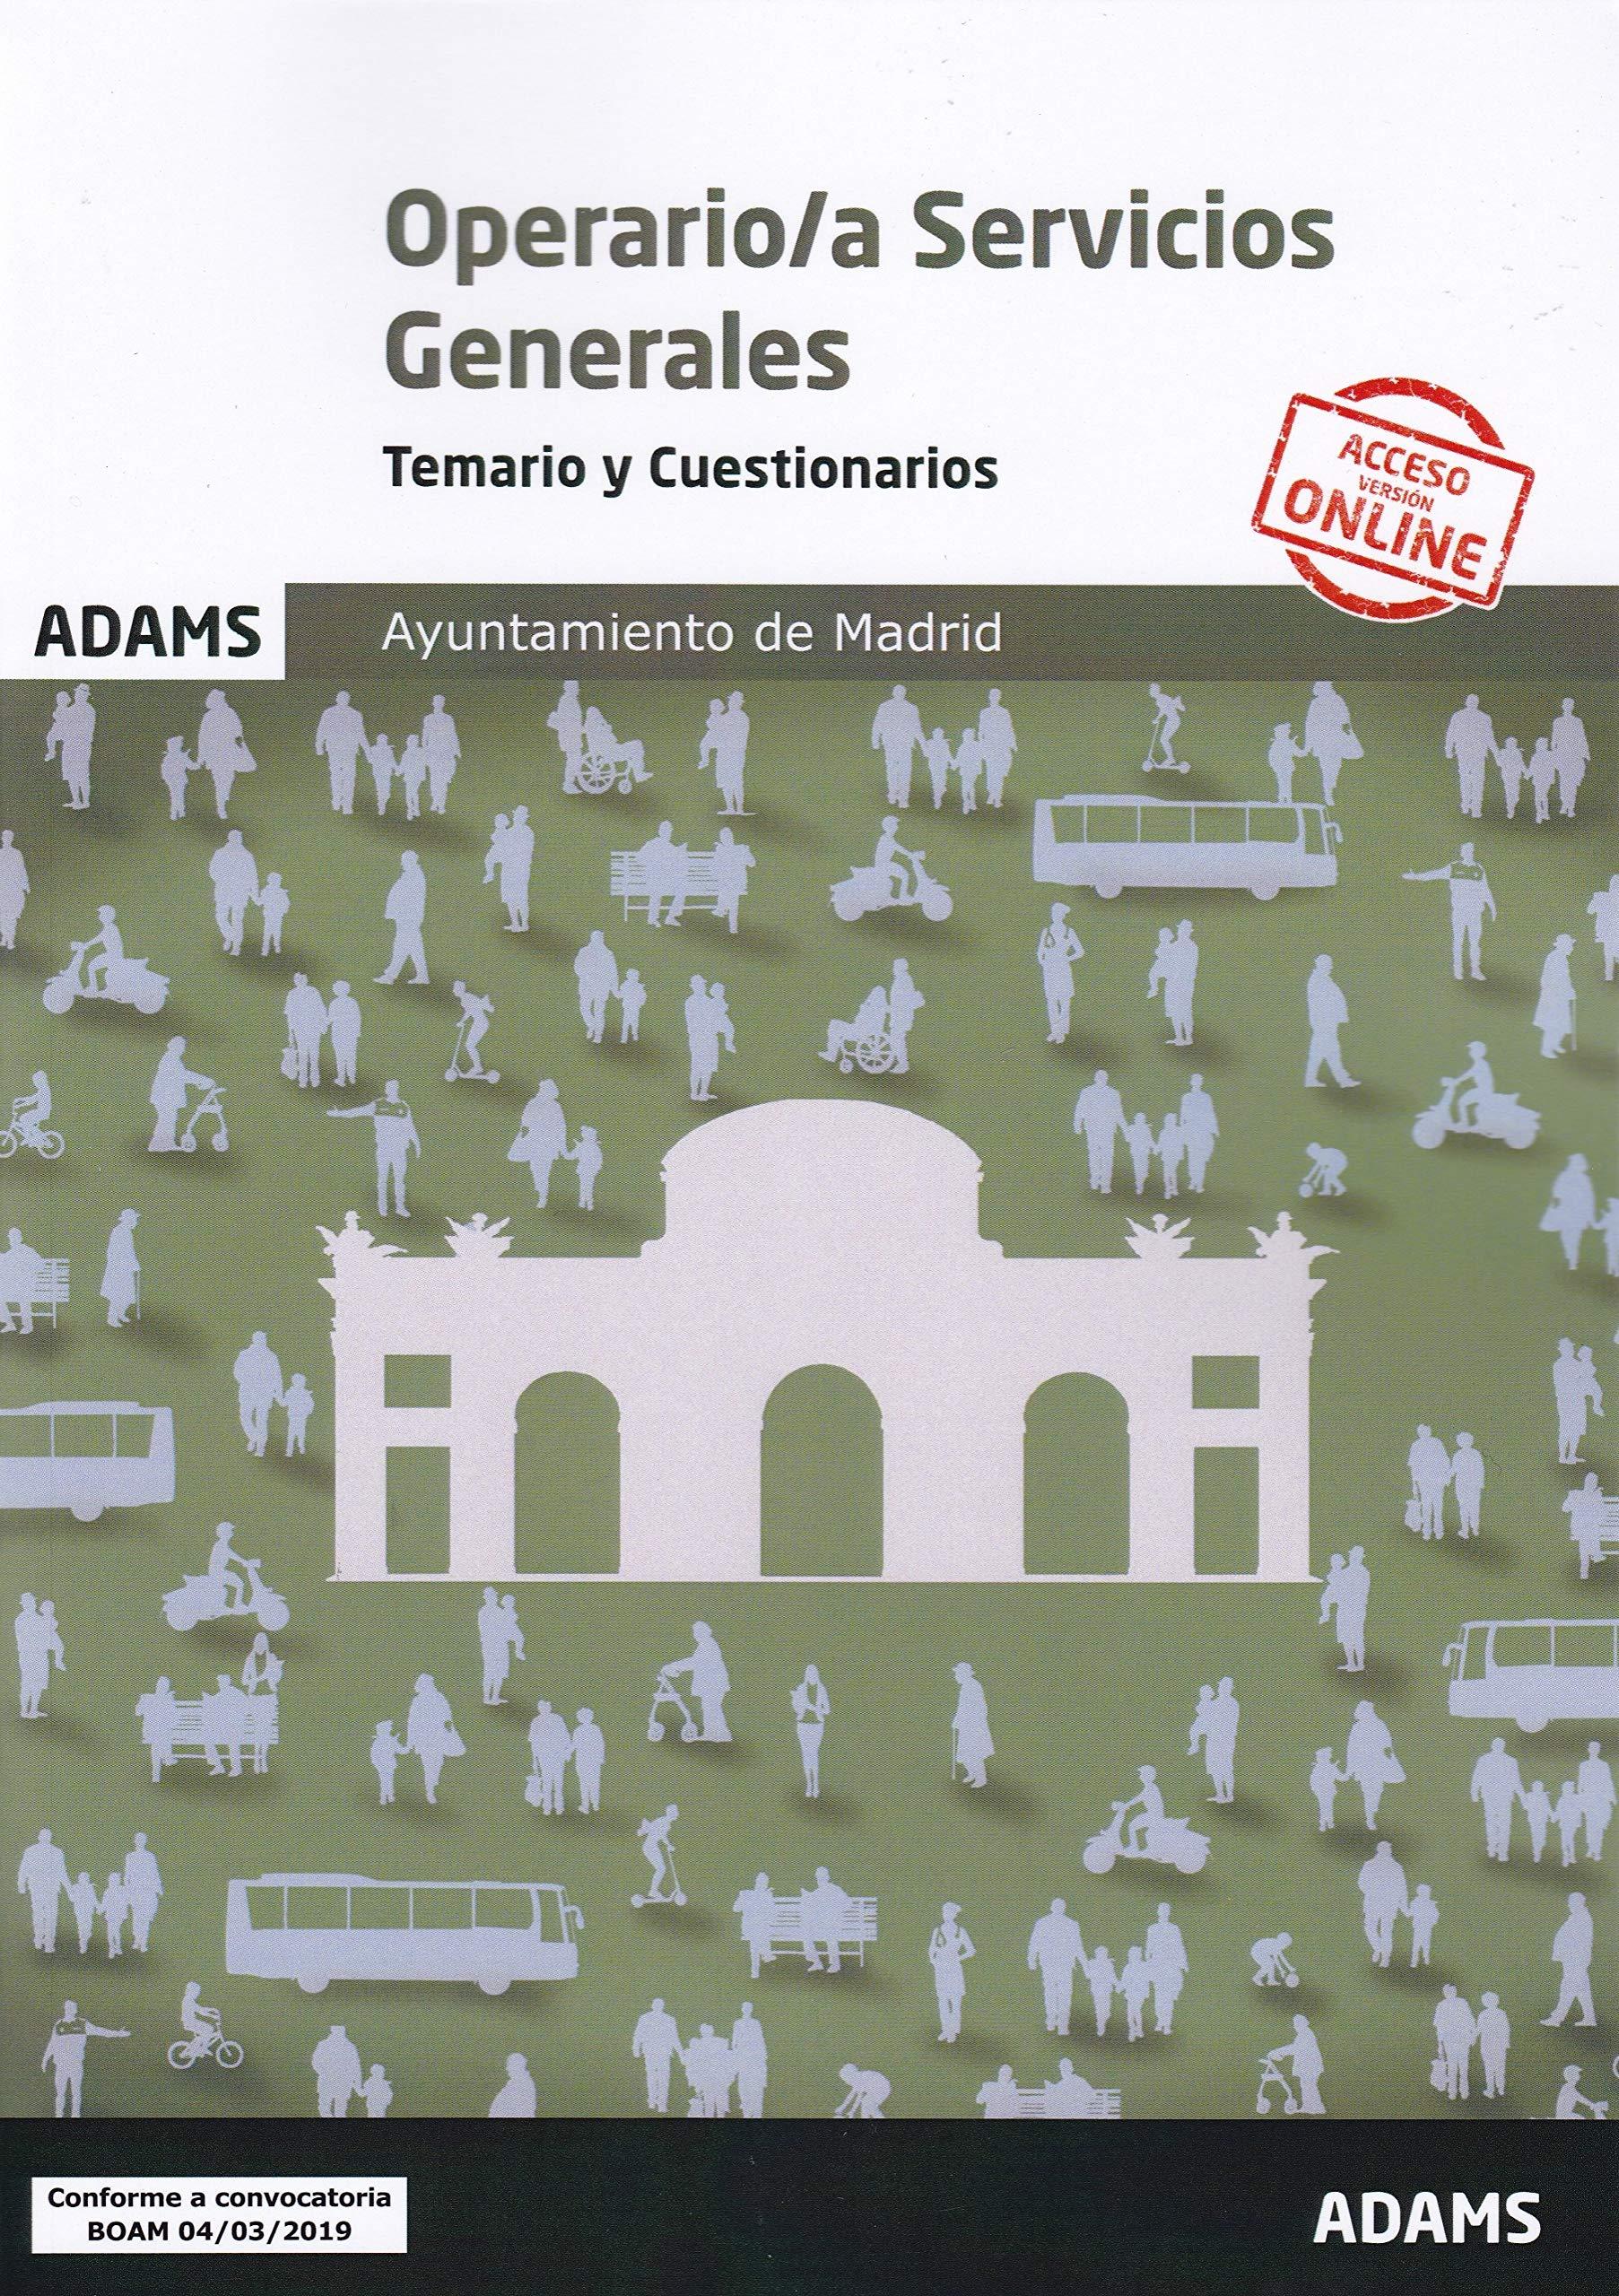 Temario y Cuestionarios Operario/a Servicios Generales Ayuntamiento de Madrid